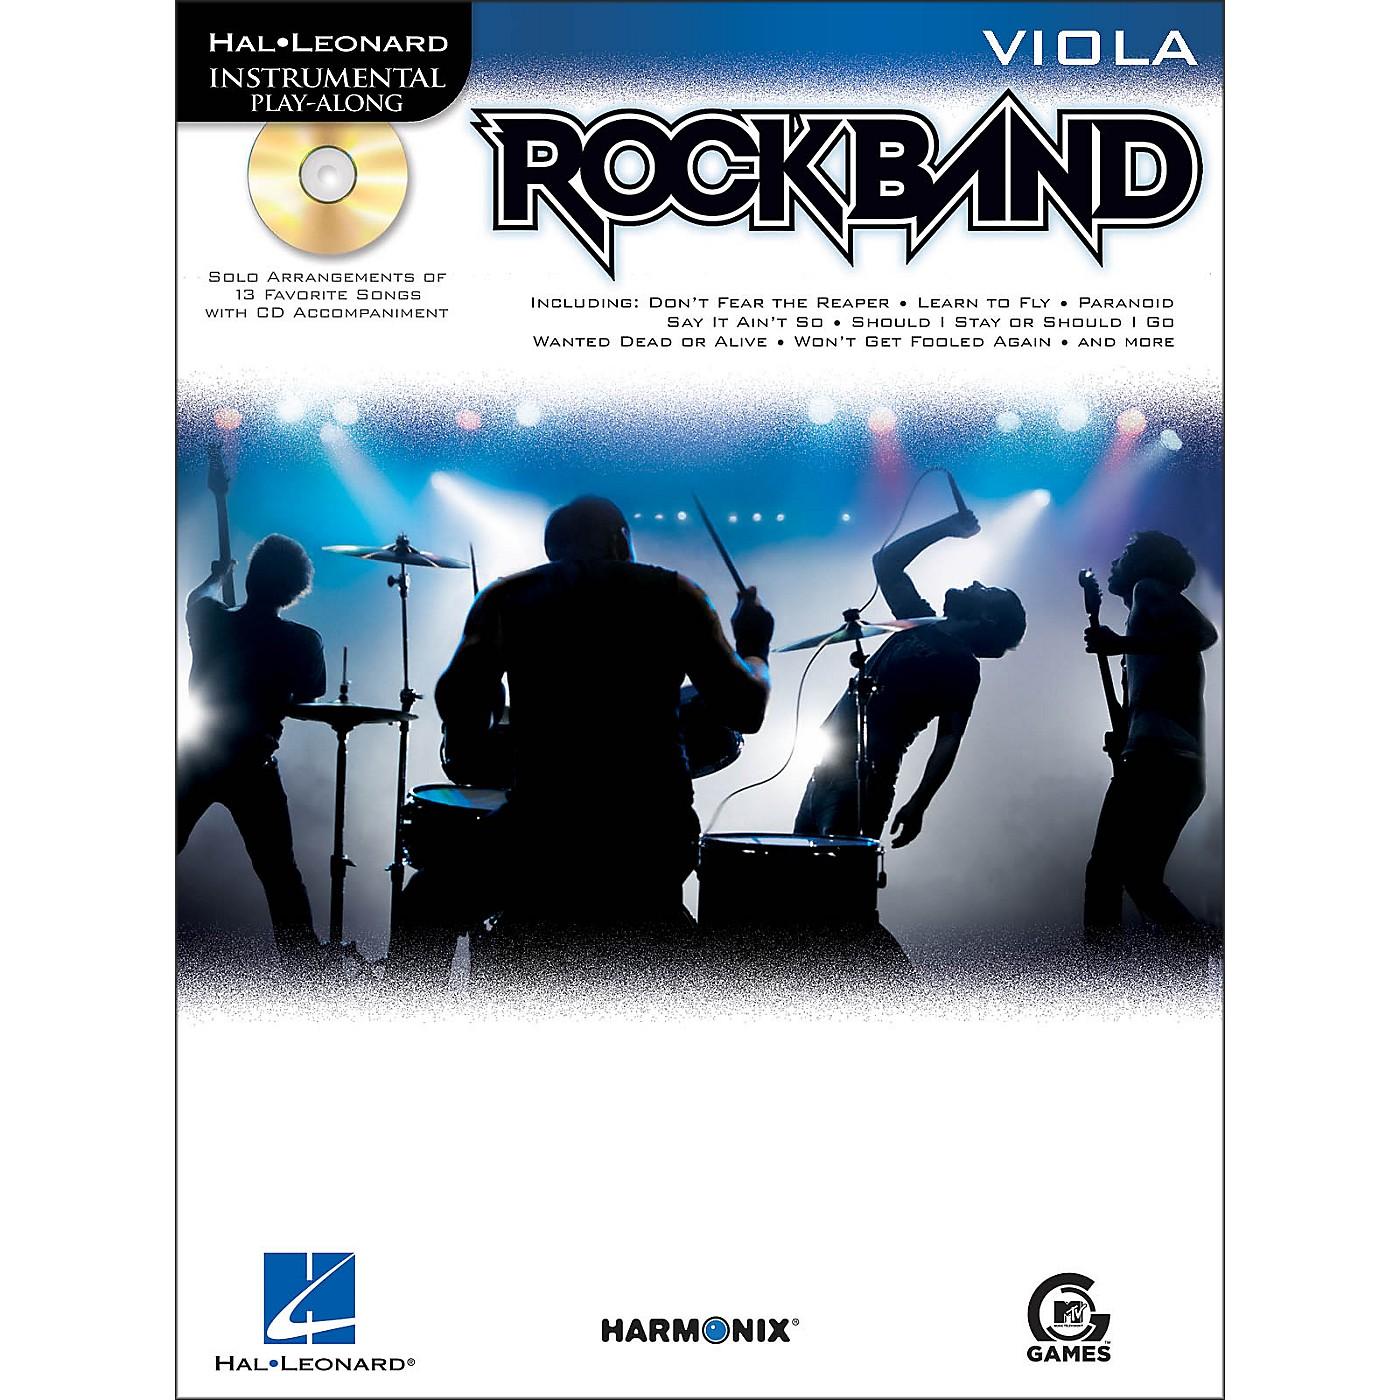 Hal Leonard Rock Band for Viola Instrumental Play-Along Book/CD thumbnail